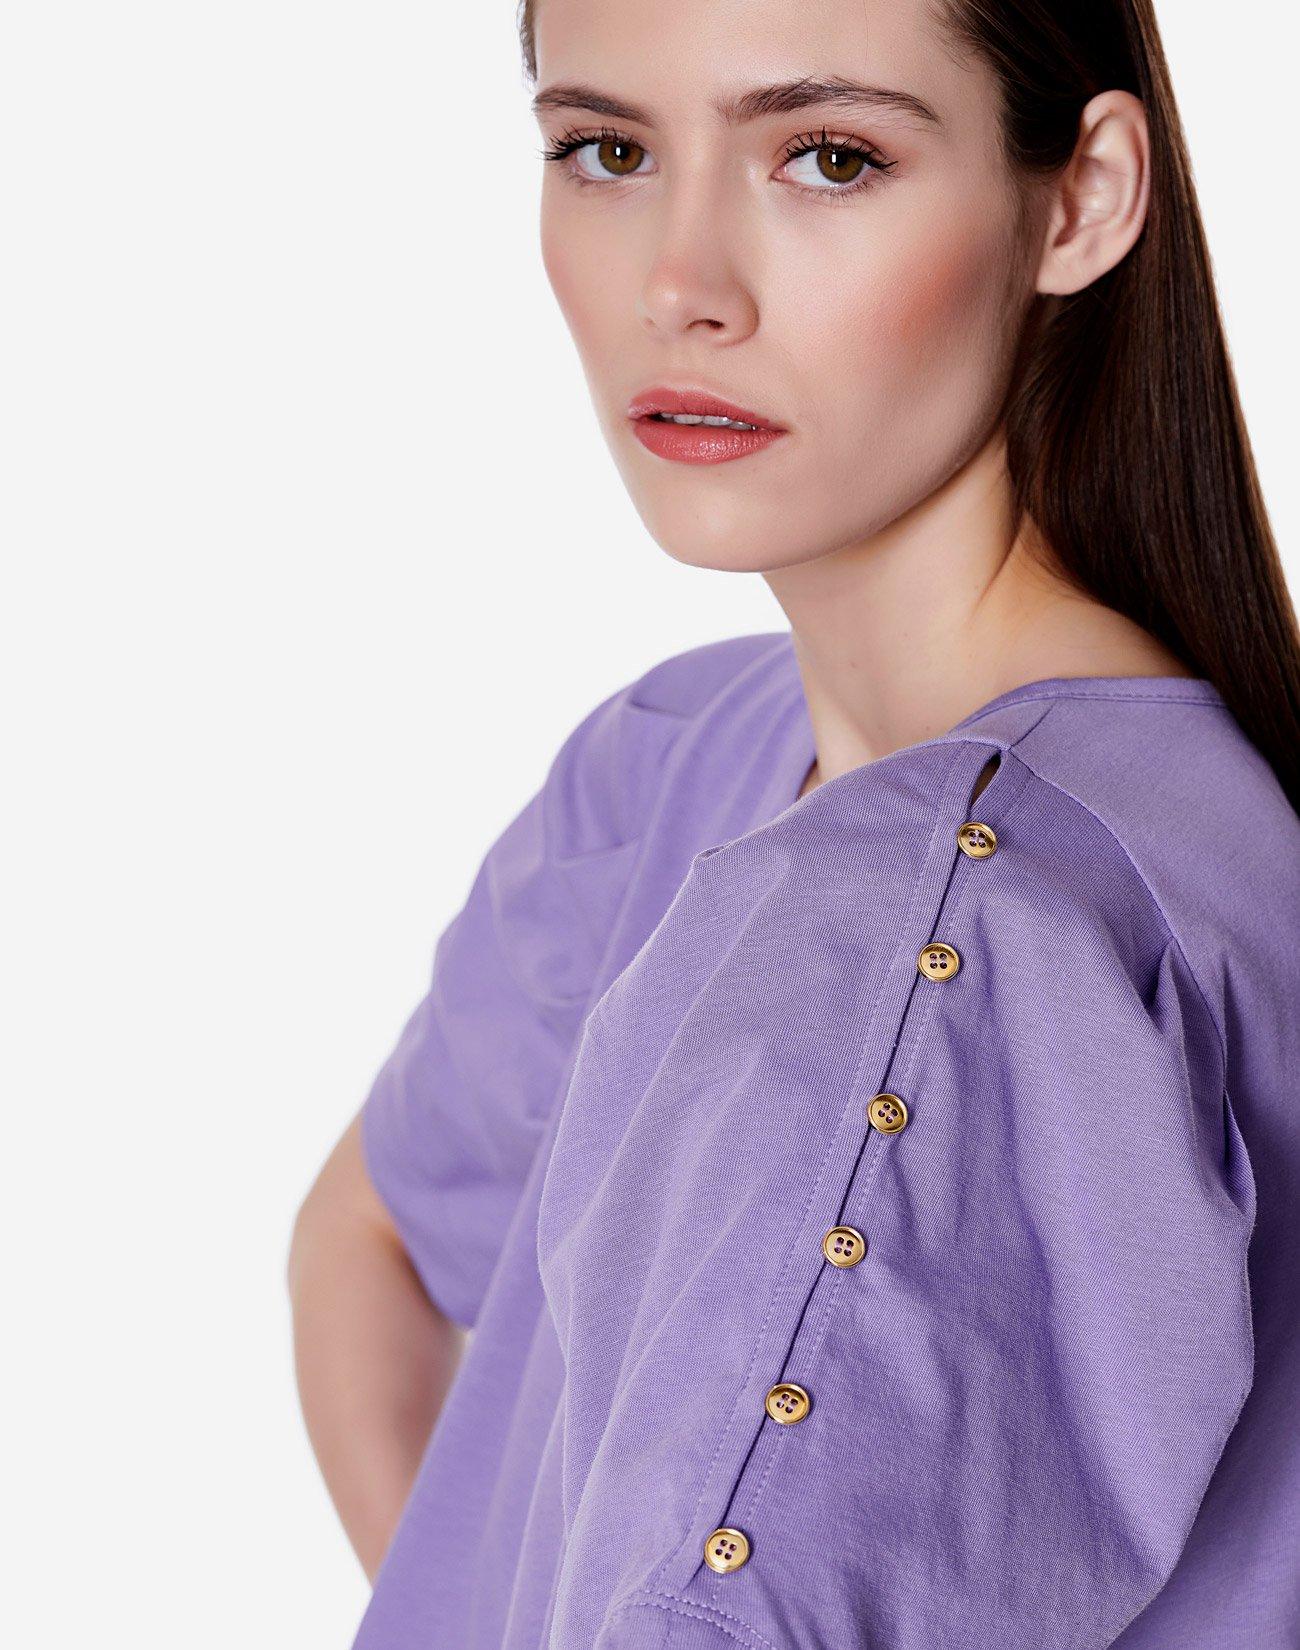 Μπλούζα οργανικό βαμβάκι με κουμπιά